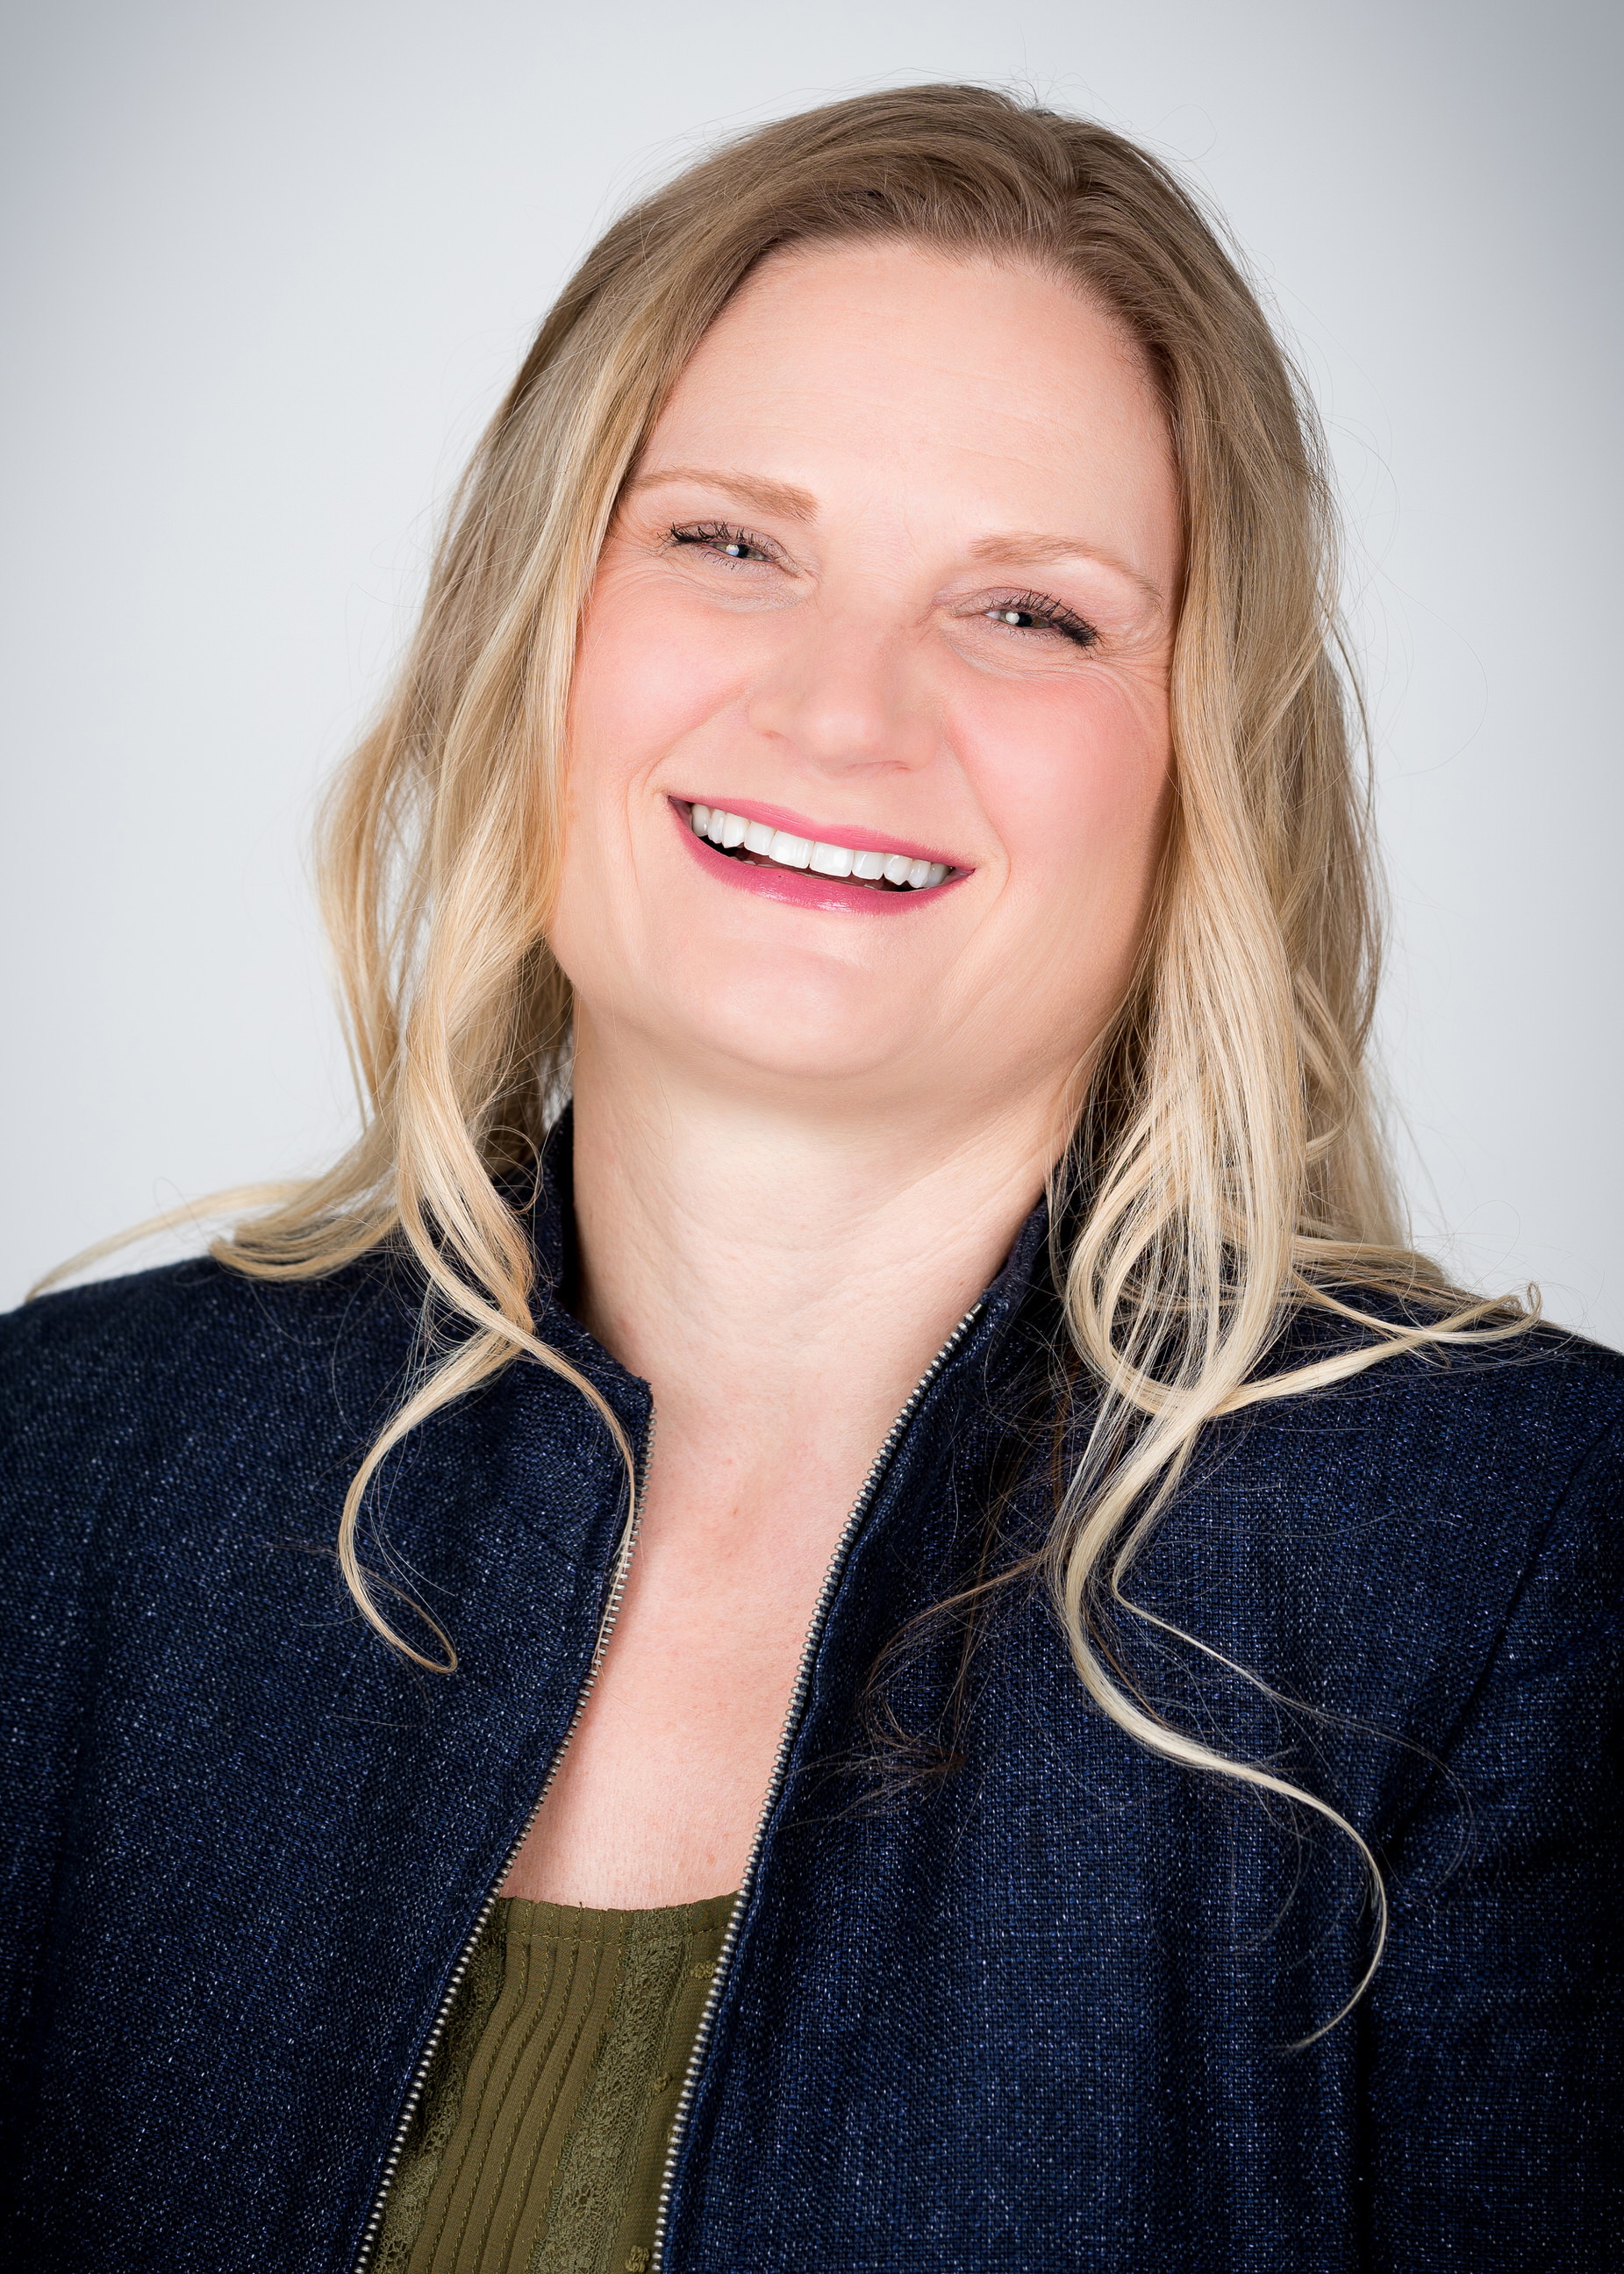 Atlanta Georgia Female Business Executive